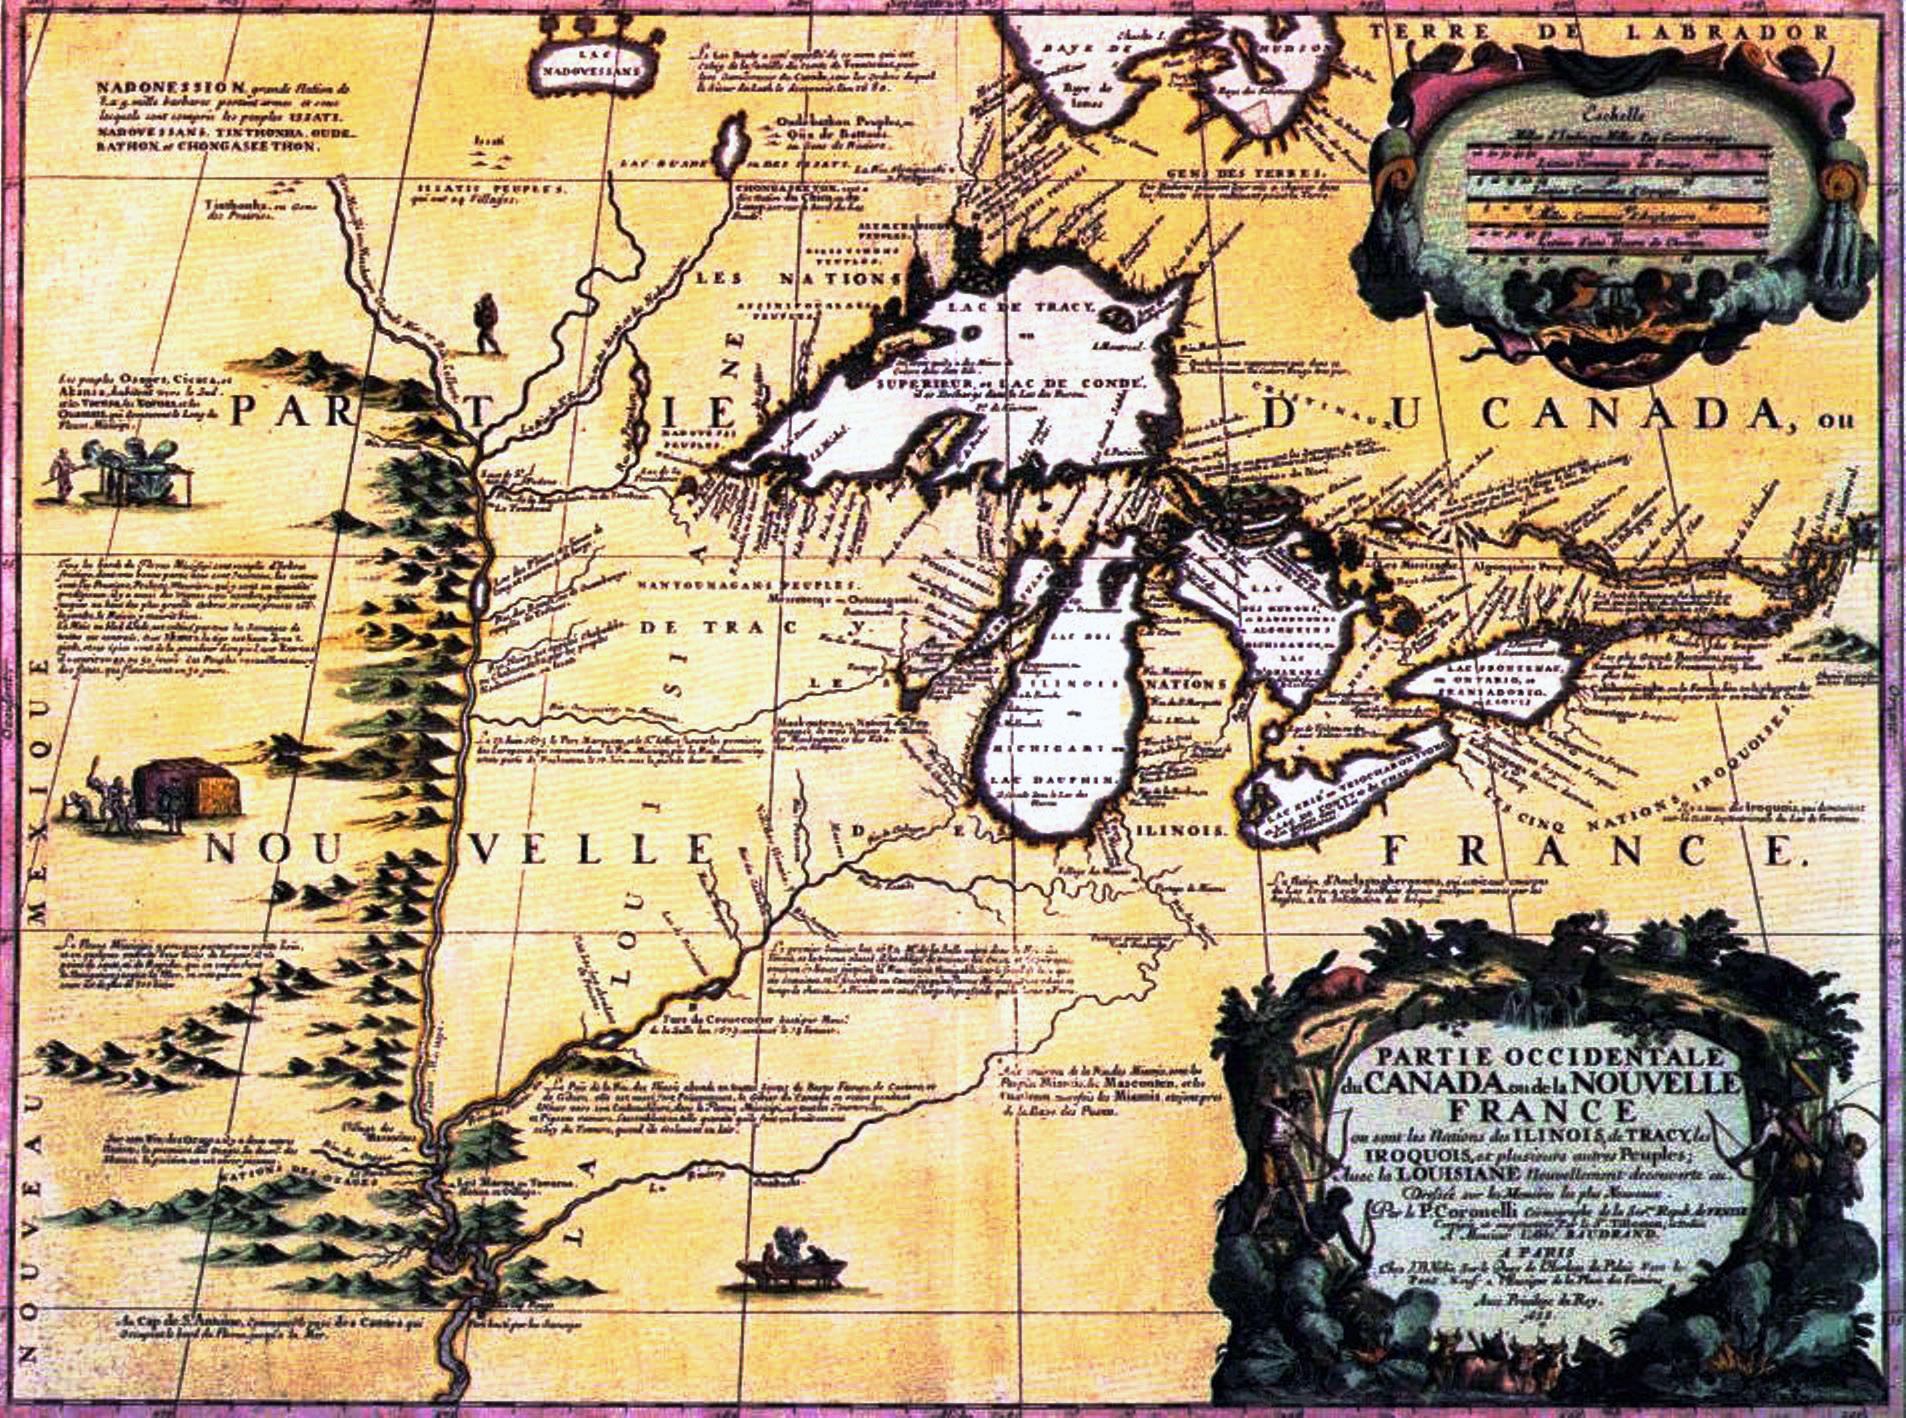 Vincenzo_Coronelli_Partie_occidentale_du_Canada_1688